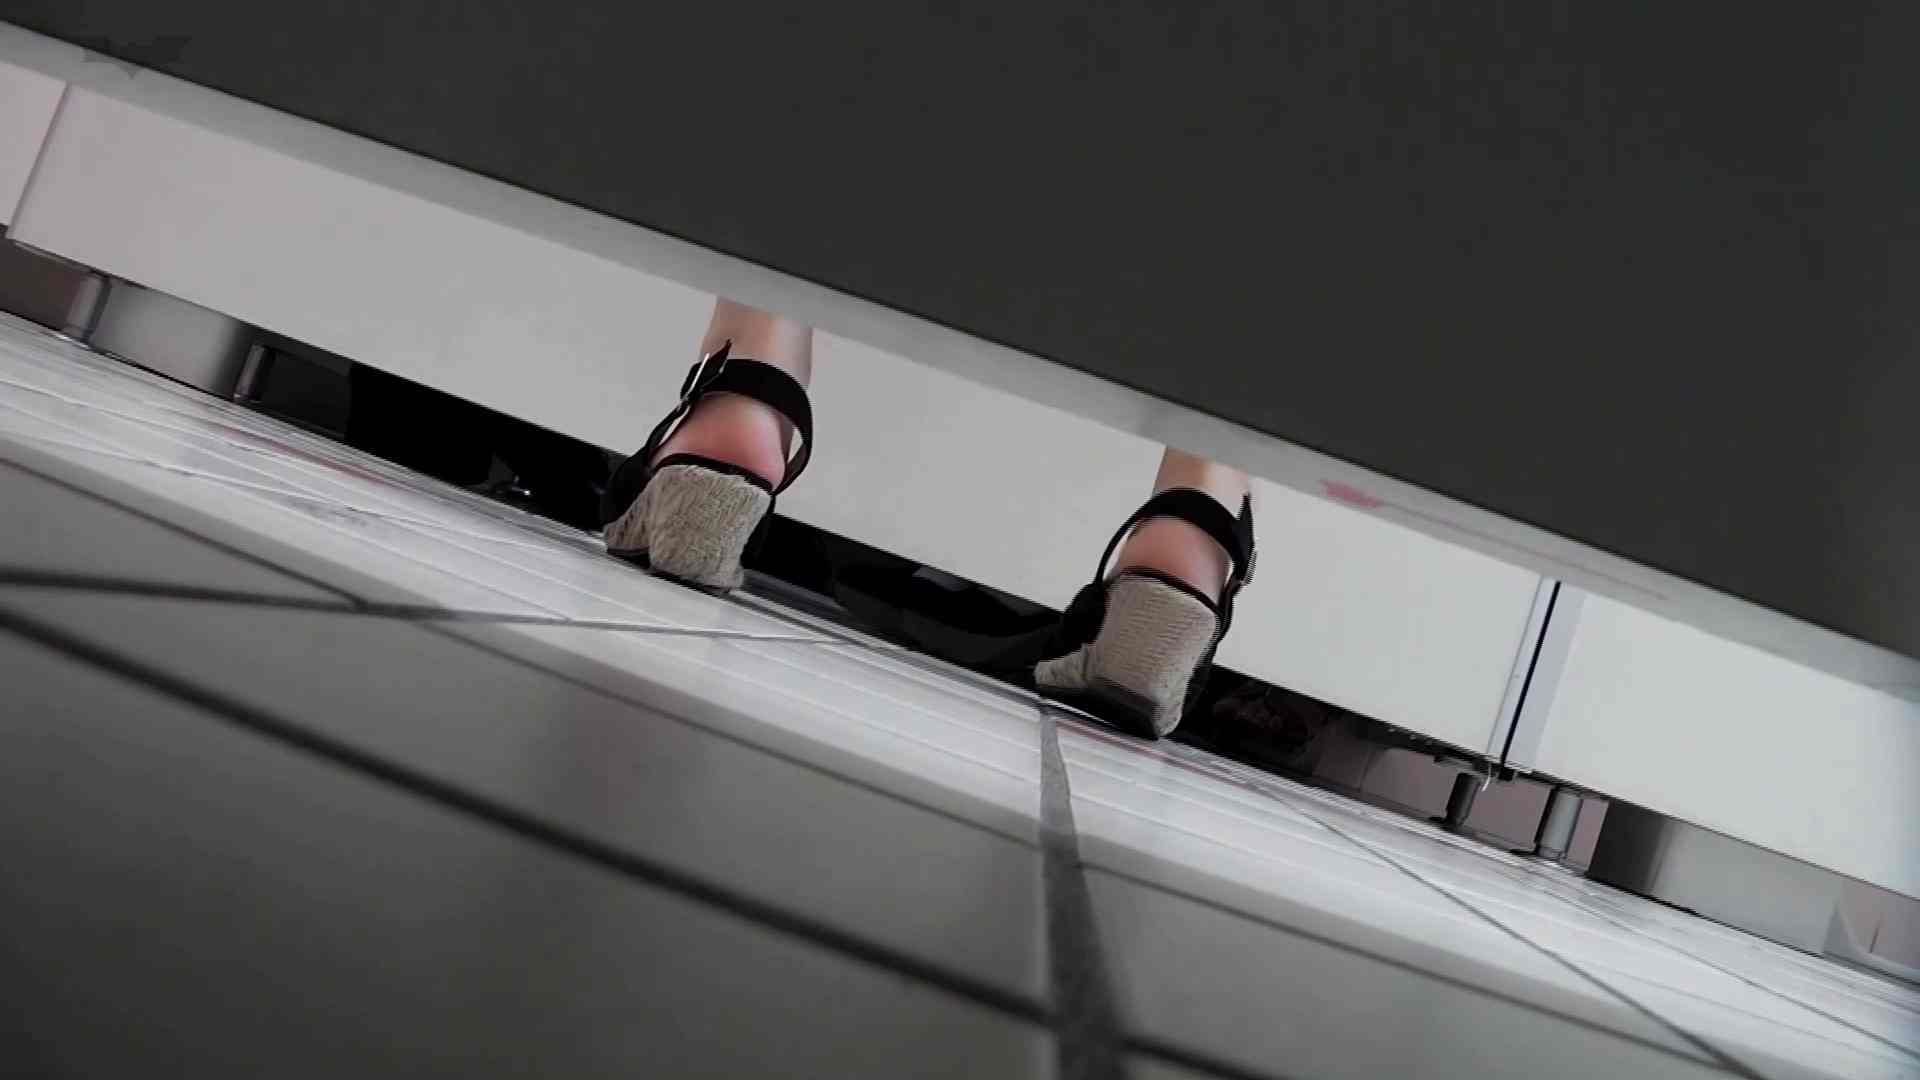 美しい日本の未来 No.25 「22」に登場した子がまさかの大で再登場!! 洗面所 | 丸見えマンコ  35画像 9